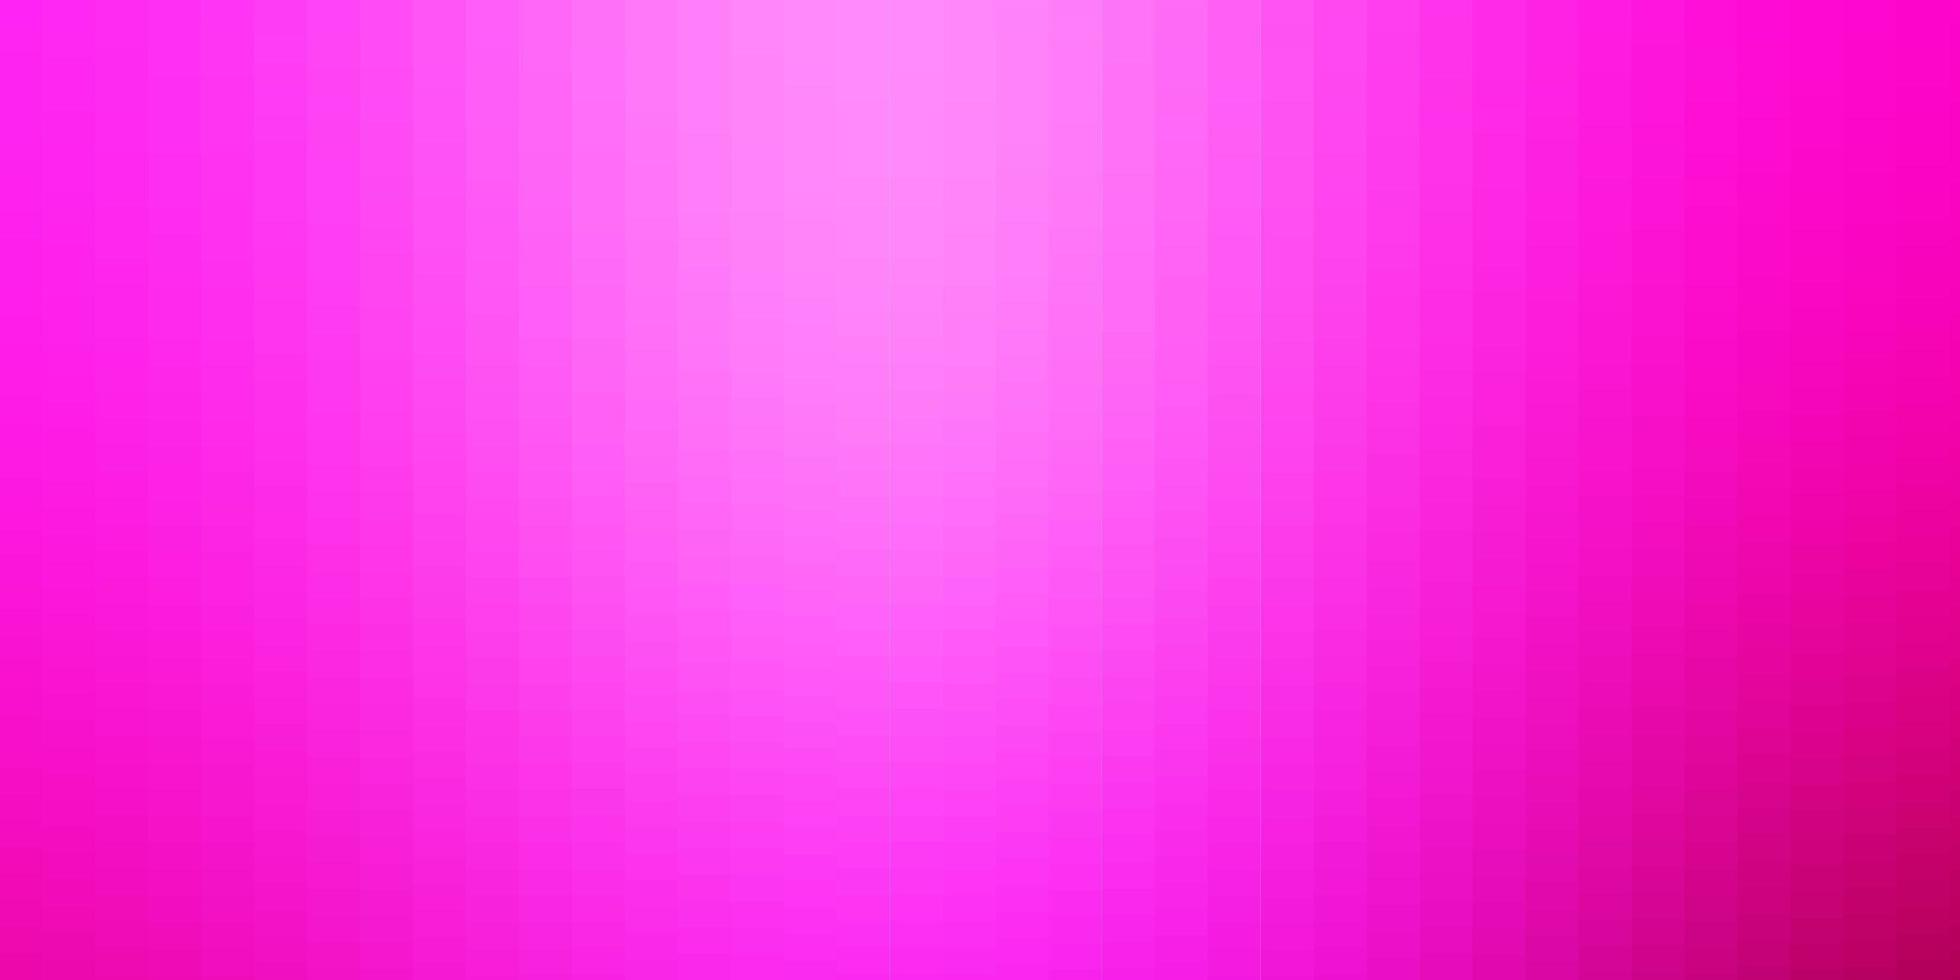 texture rose dans un style rectangulaire. vecteur